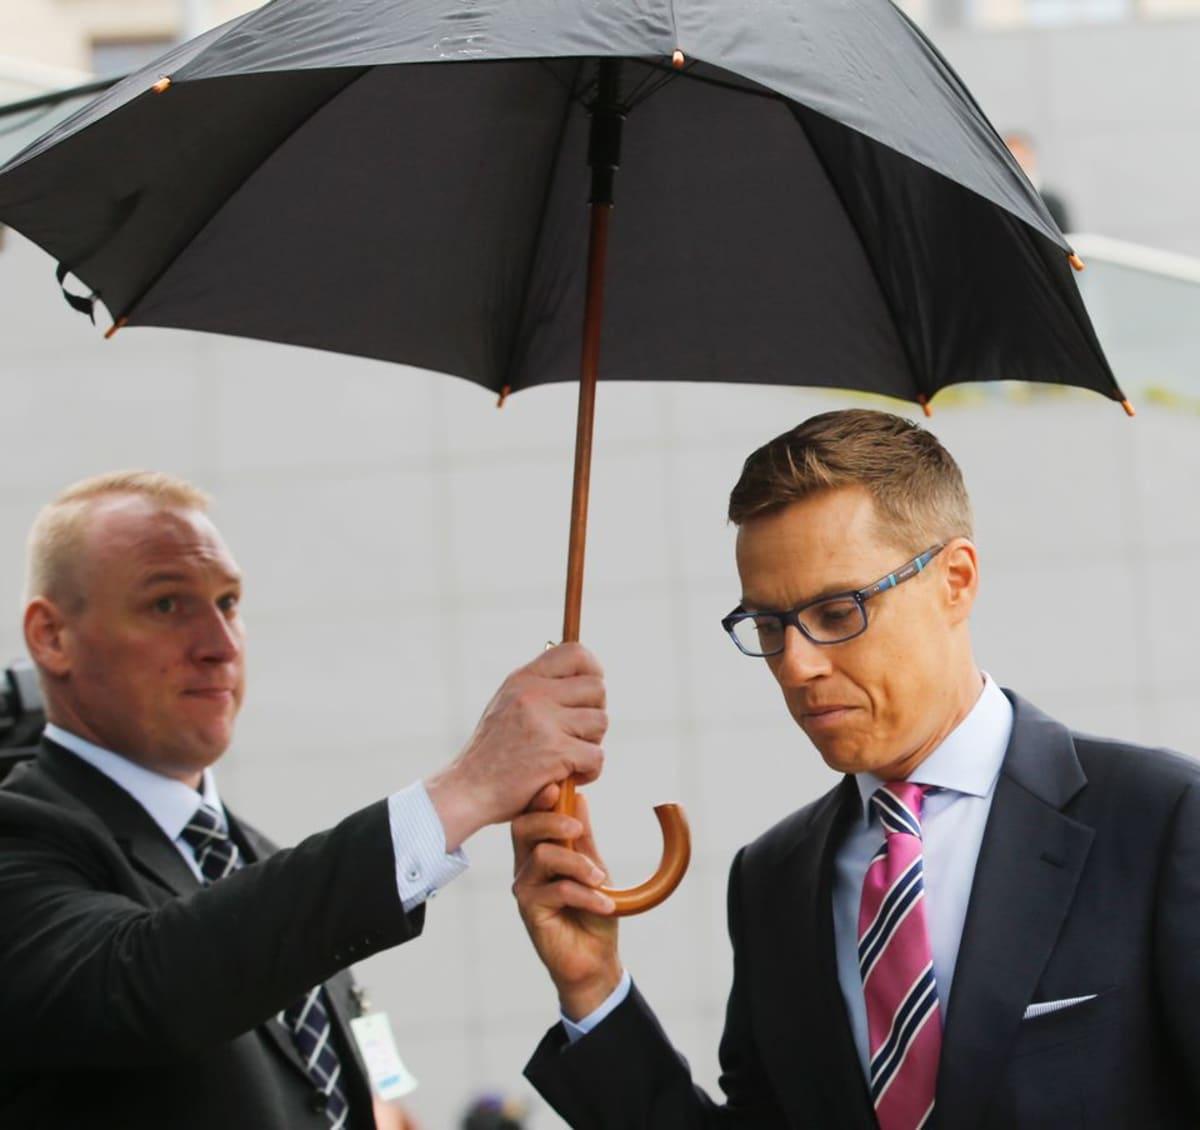 Valtiovarainministeri Stubb (kok.) saapui suununtain euroryhmän kokoukseen Bsysselissä.